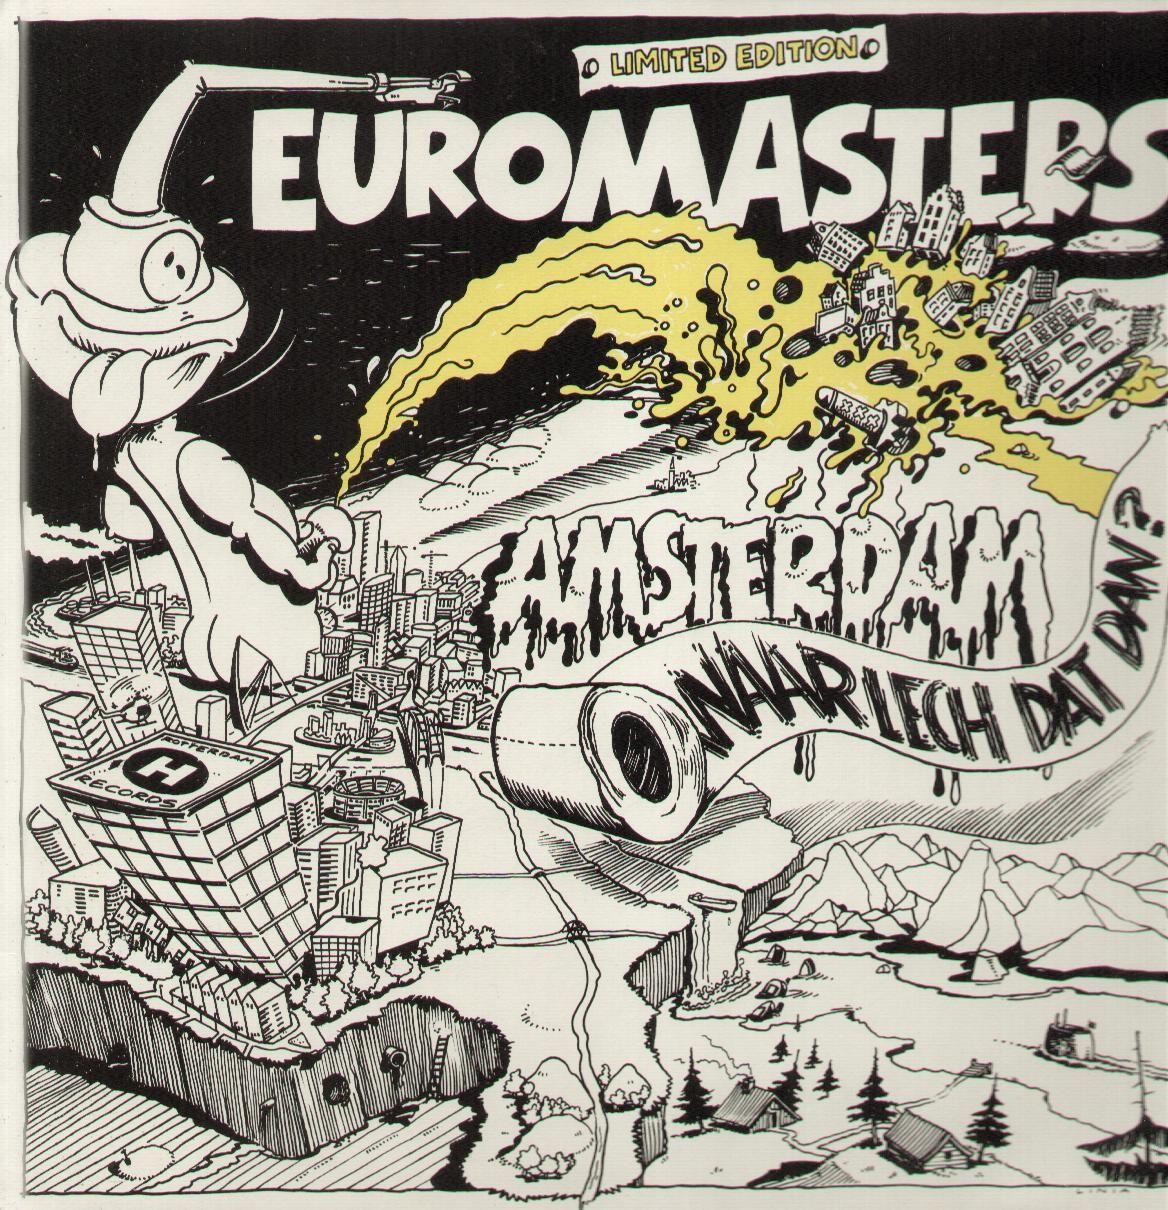 Euromasters - Amsterdam Waar Lech Dat Dan?